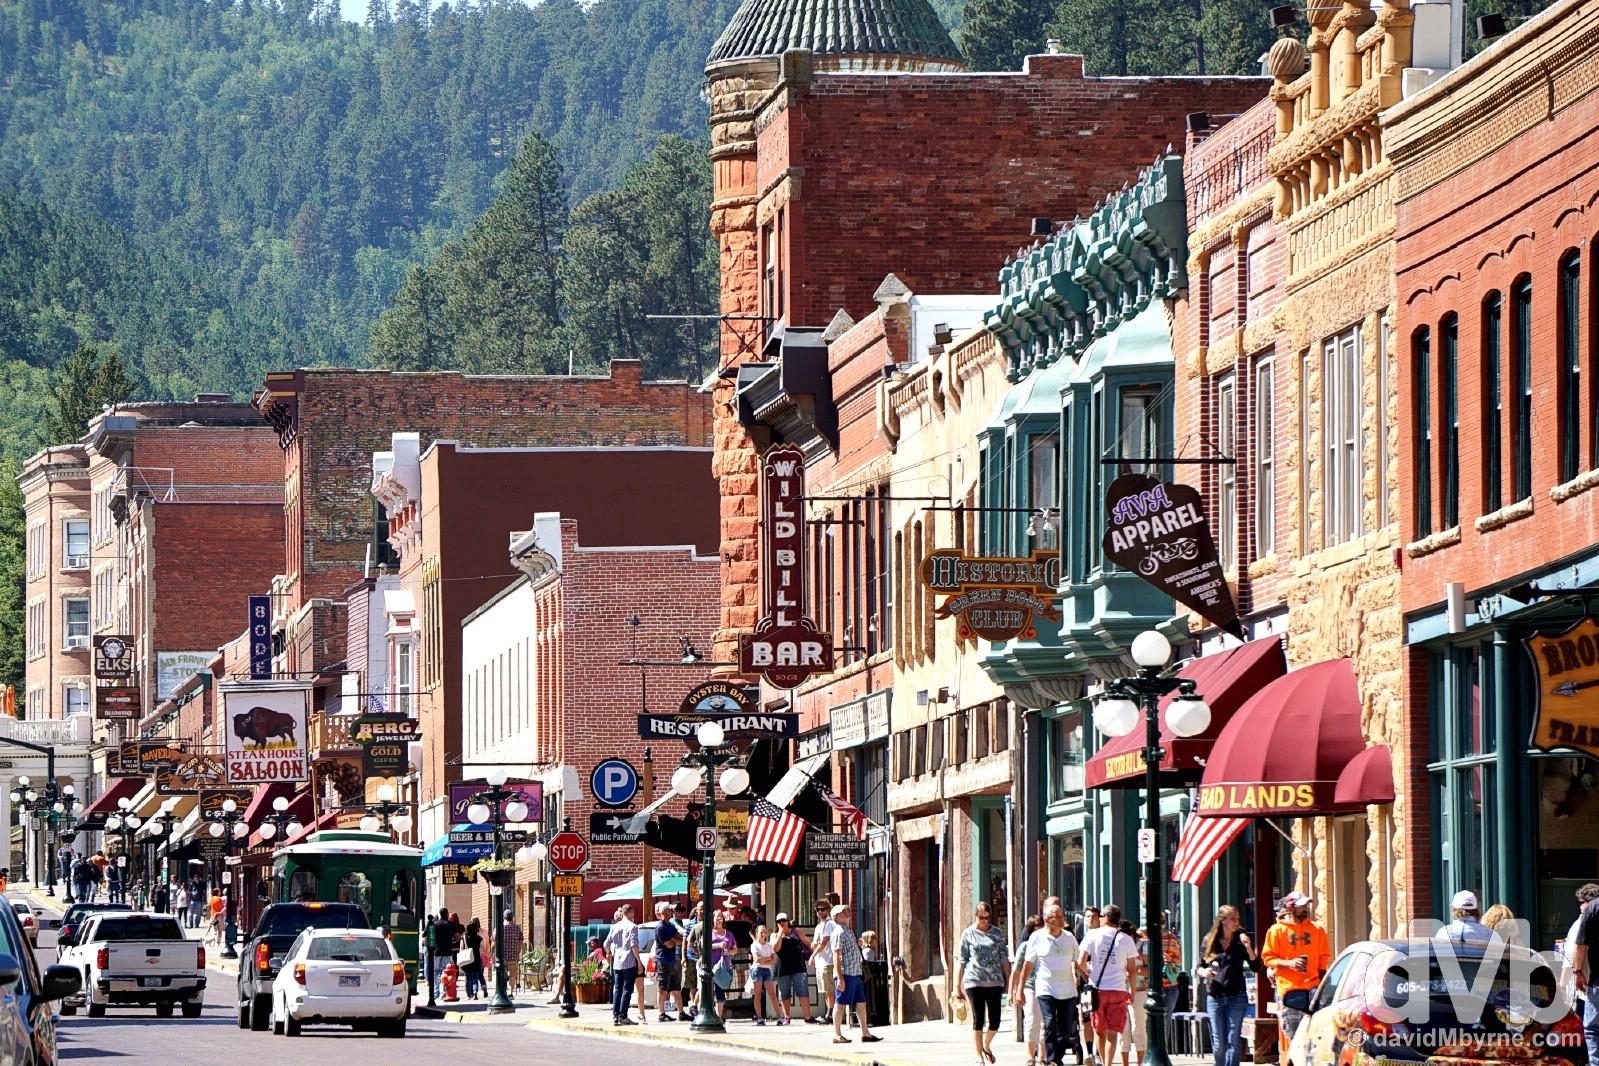 Historic Main Street Deadwood, Black Hills, South Dakota. September 3, 2016.